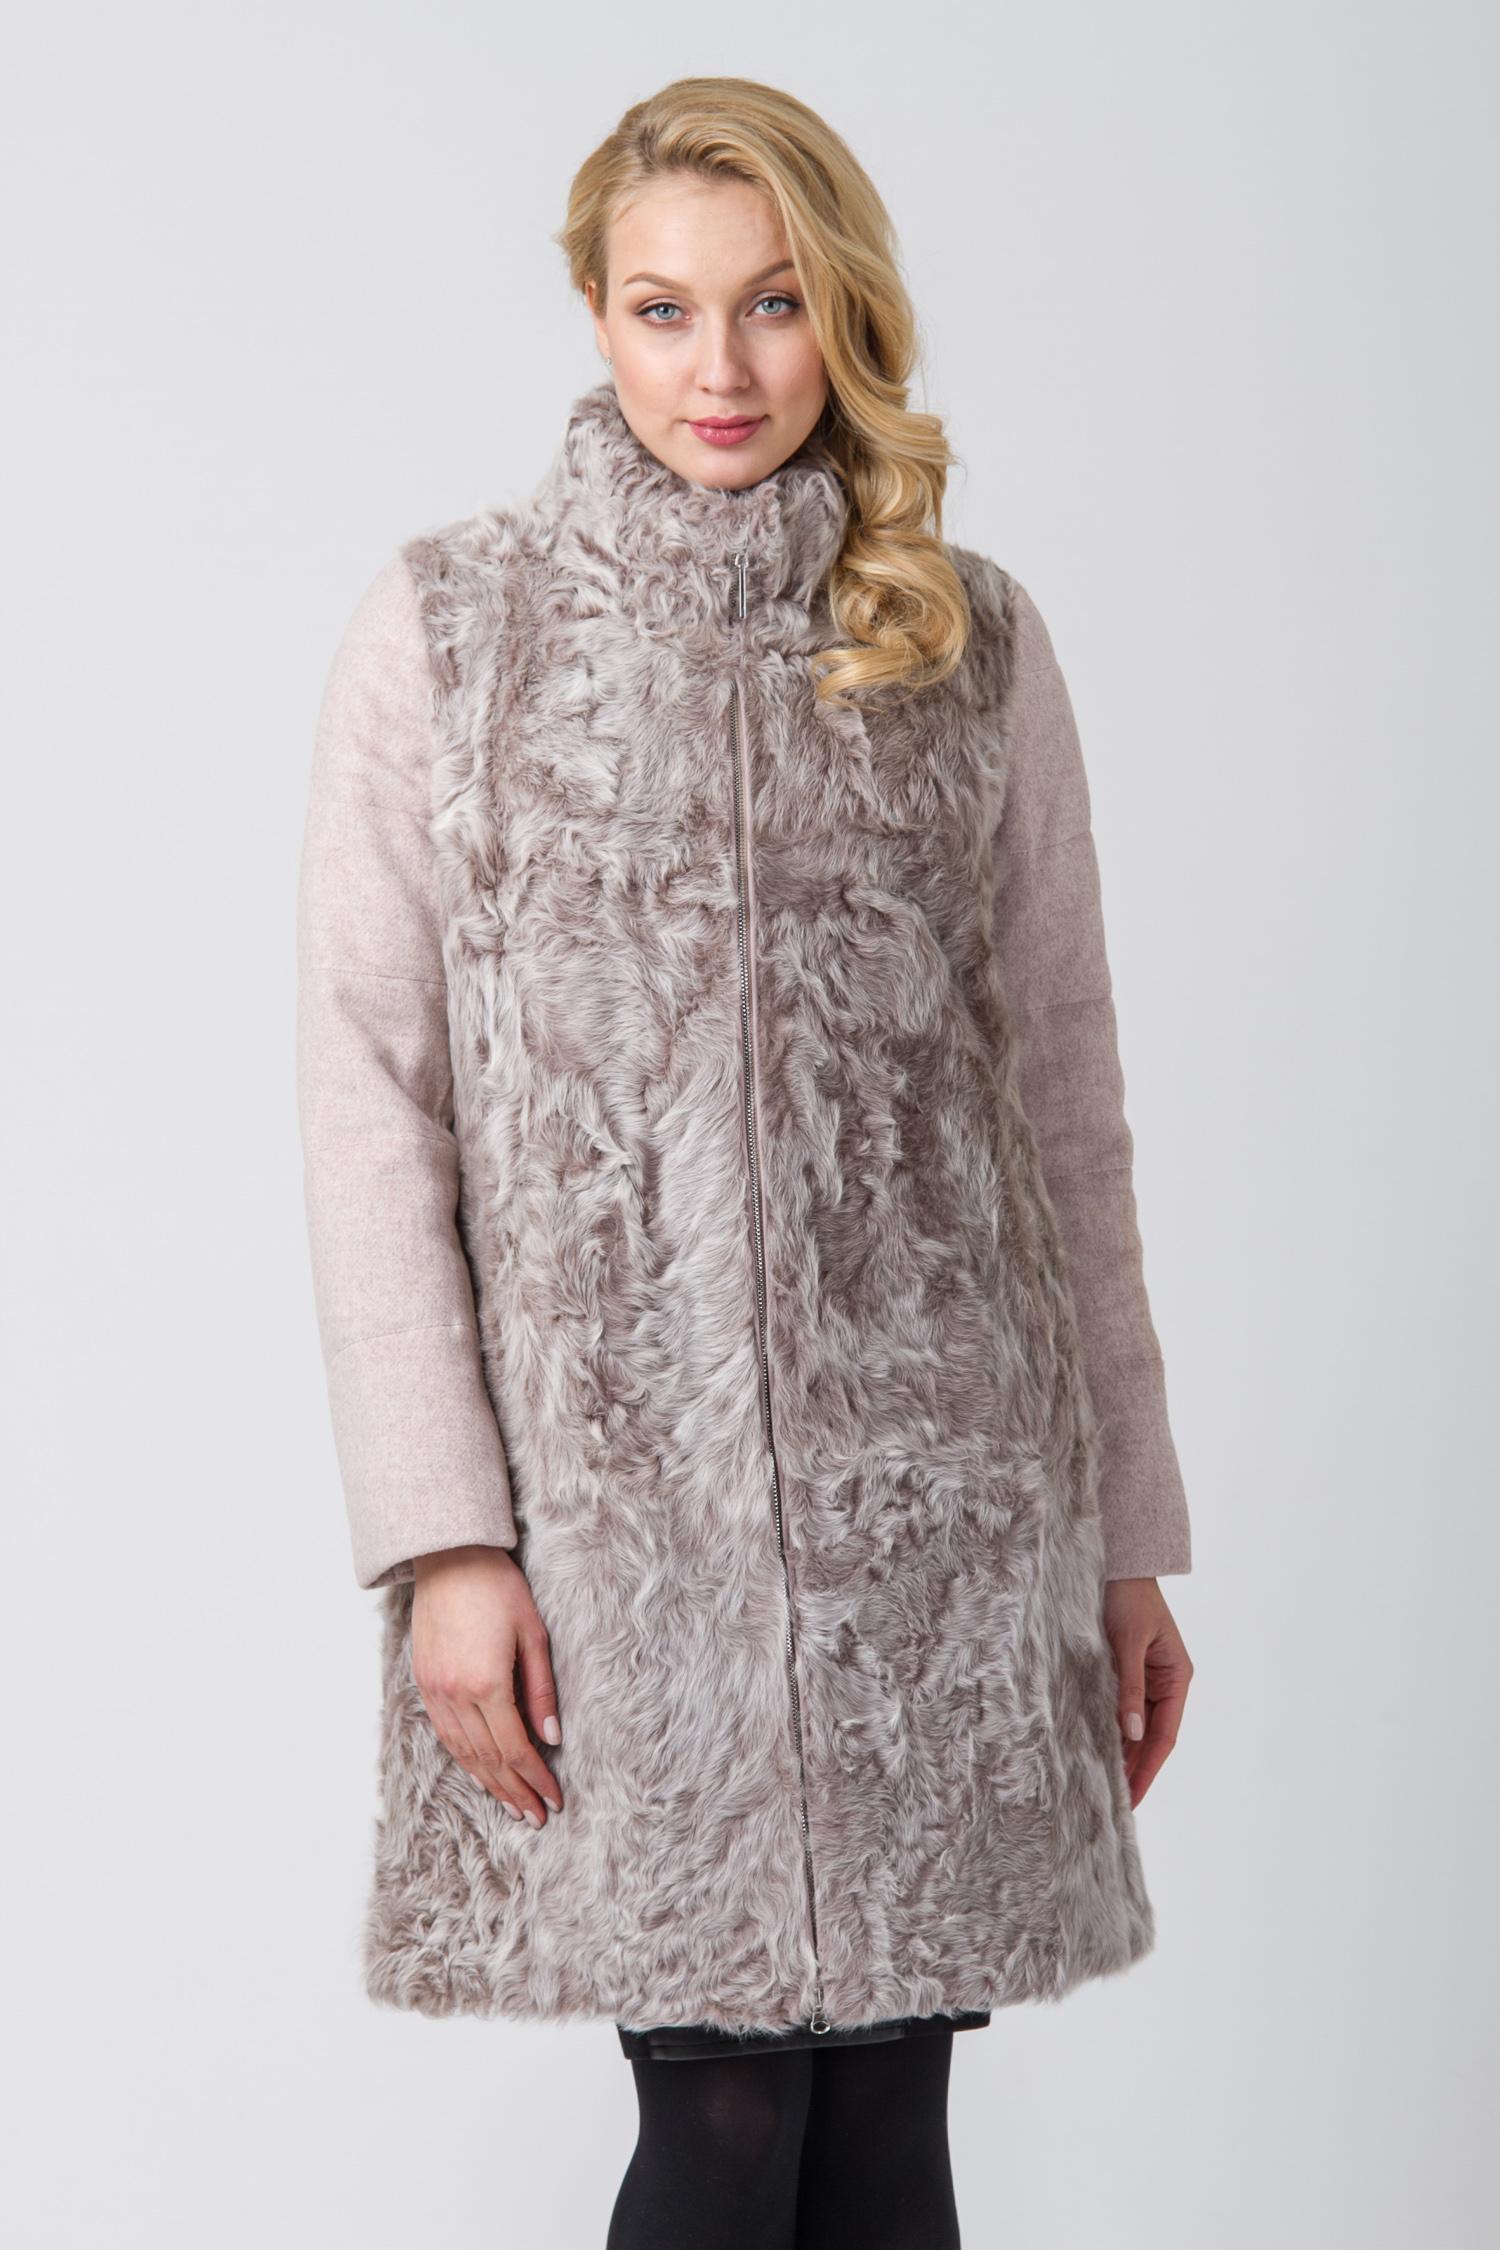 Пальто женское с воротником, без отделки<br><br>Воротник: стойка<br>Длина см: Длинная (свыше 90)<br>Материал: Текстиль<br>Цвет: бежевый<br>Вид застежки: центральная<br>Застежка: на молнии<br>Пол: Женский<br>Размер RU: 52